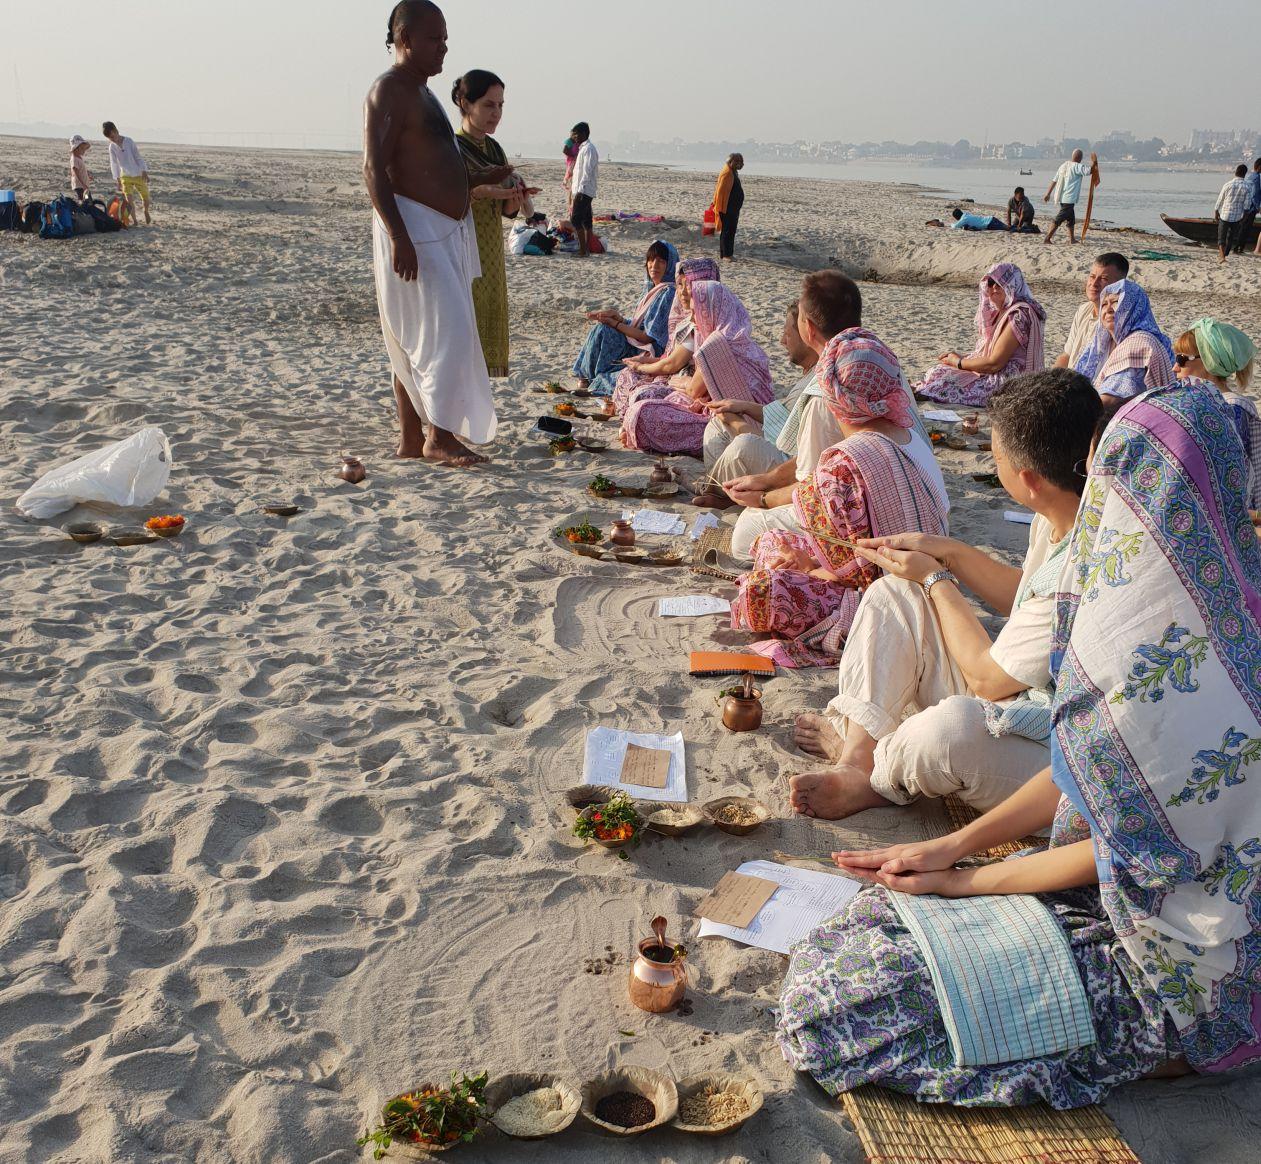 обретение силы рода, путешествие в индию